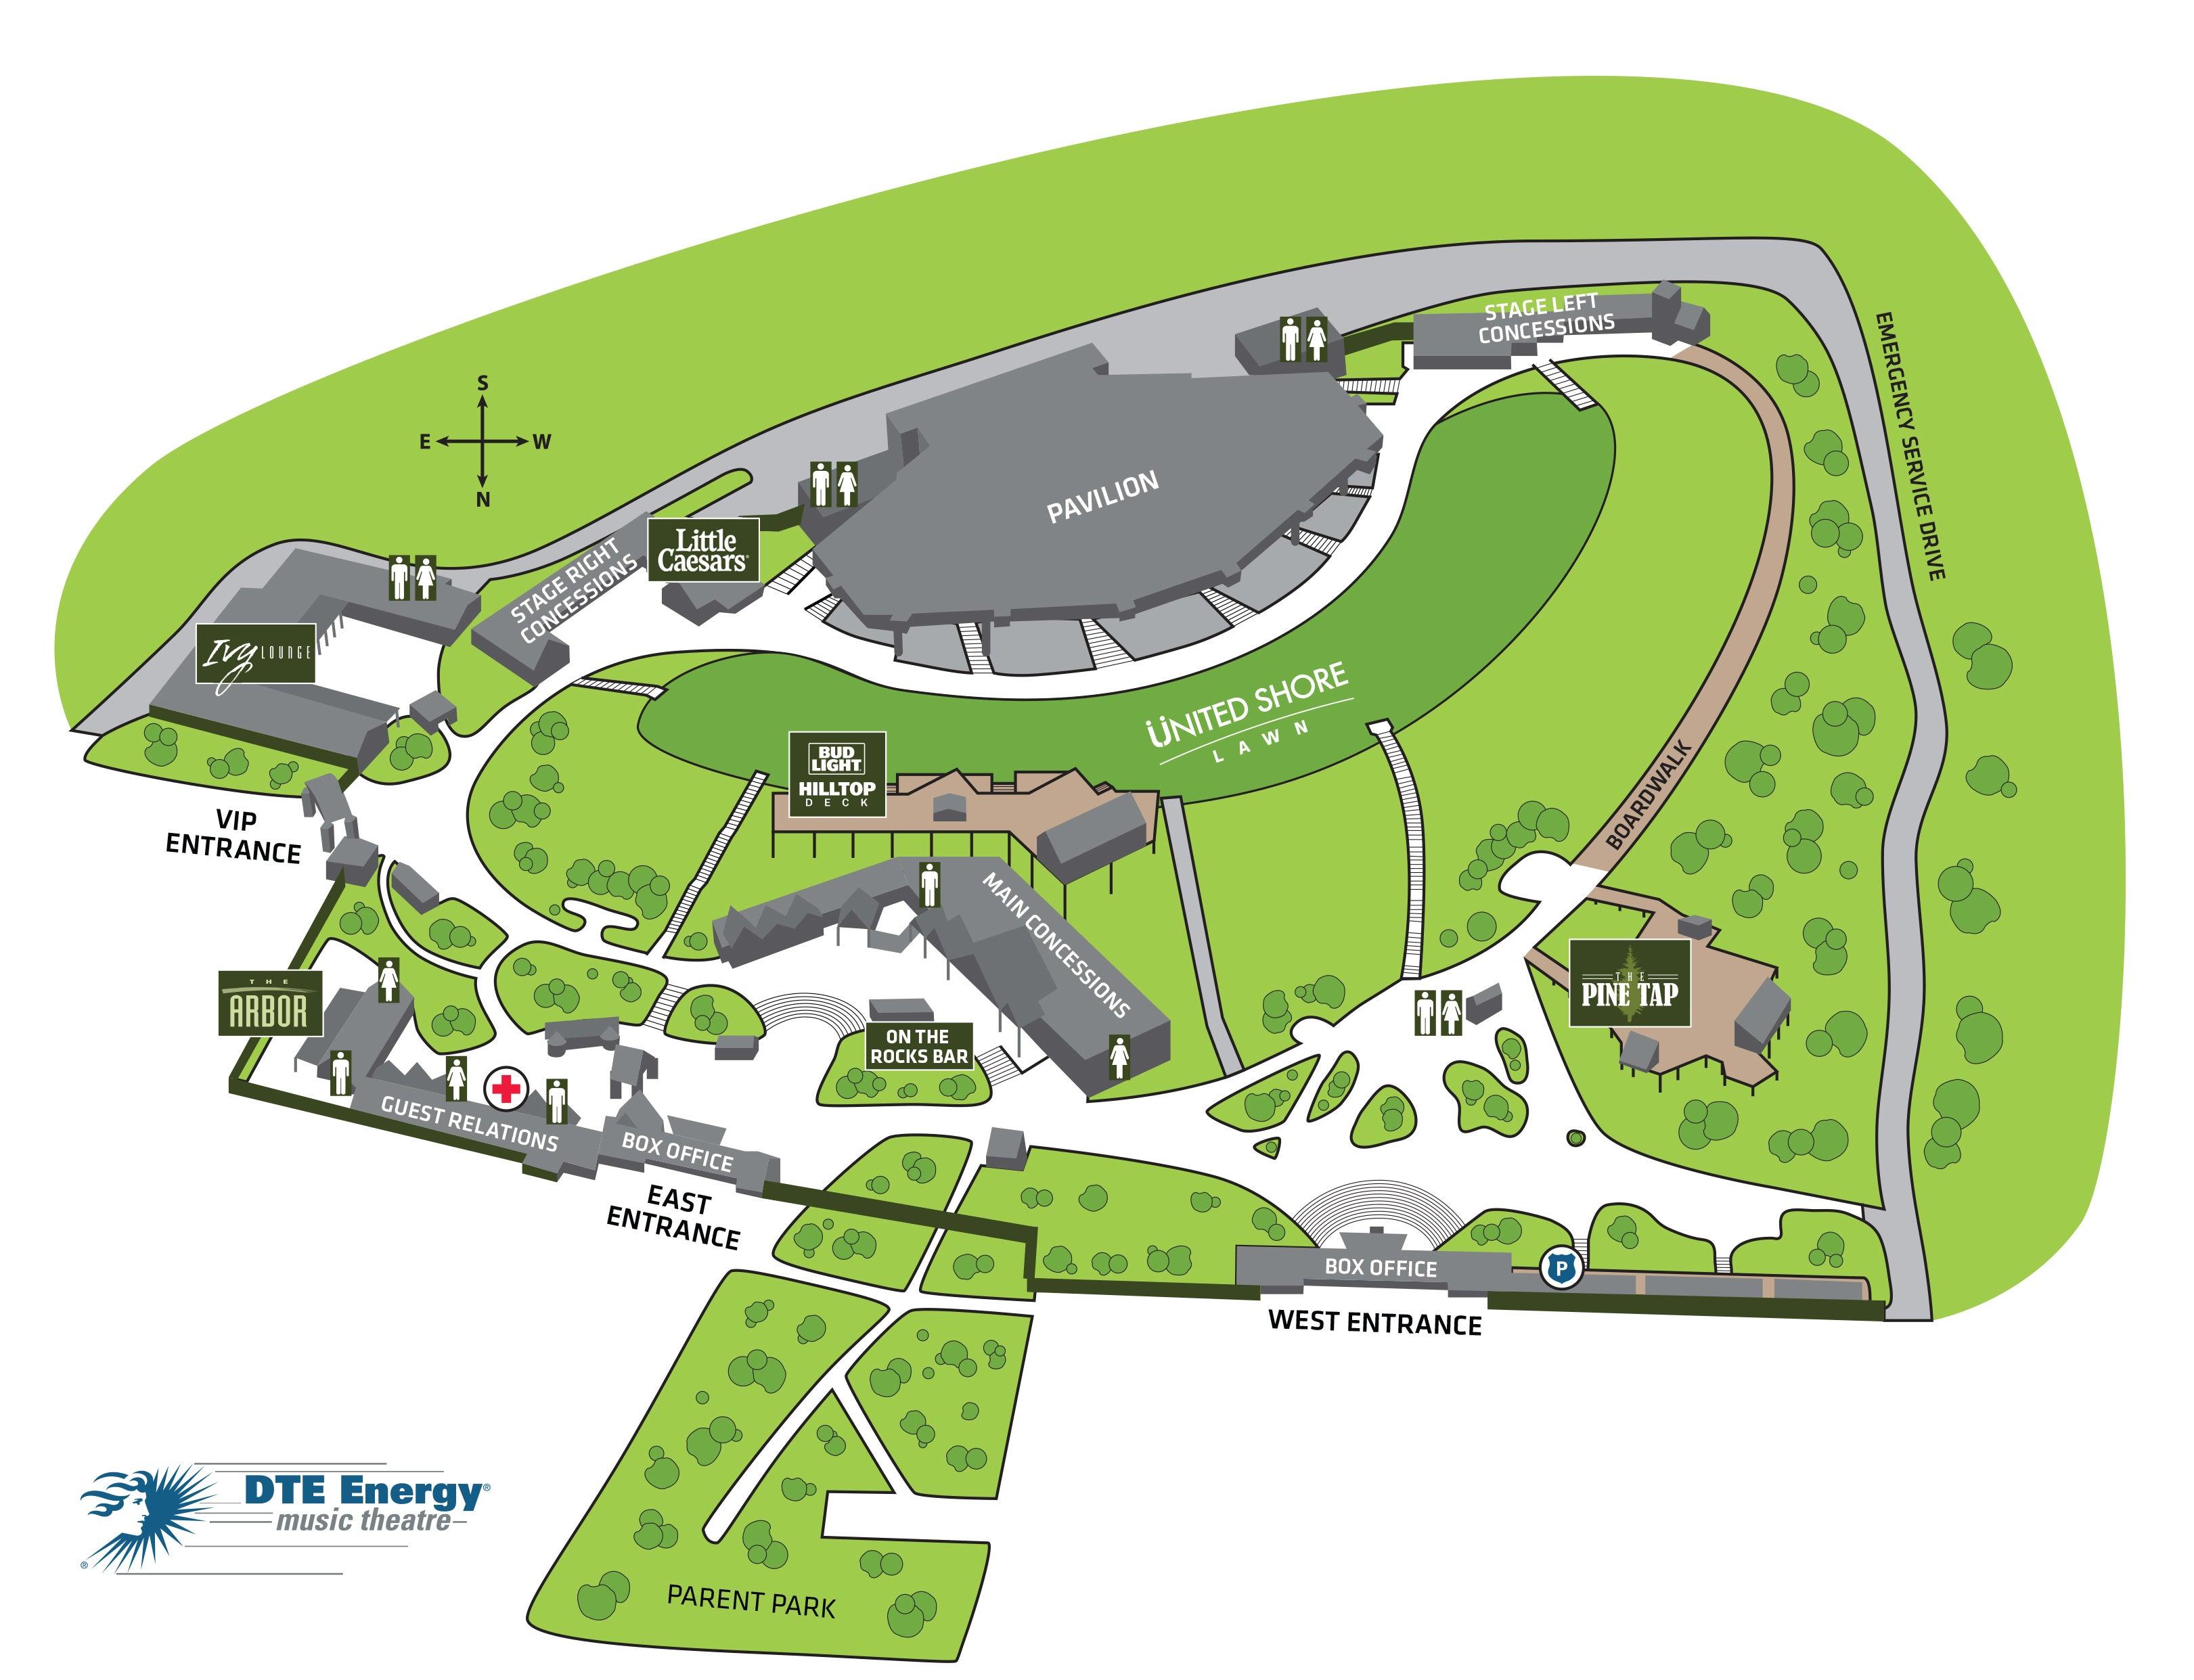 DTE Venue Map